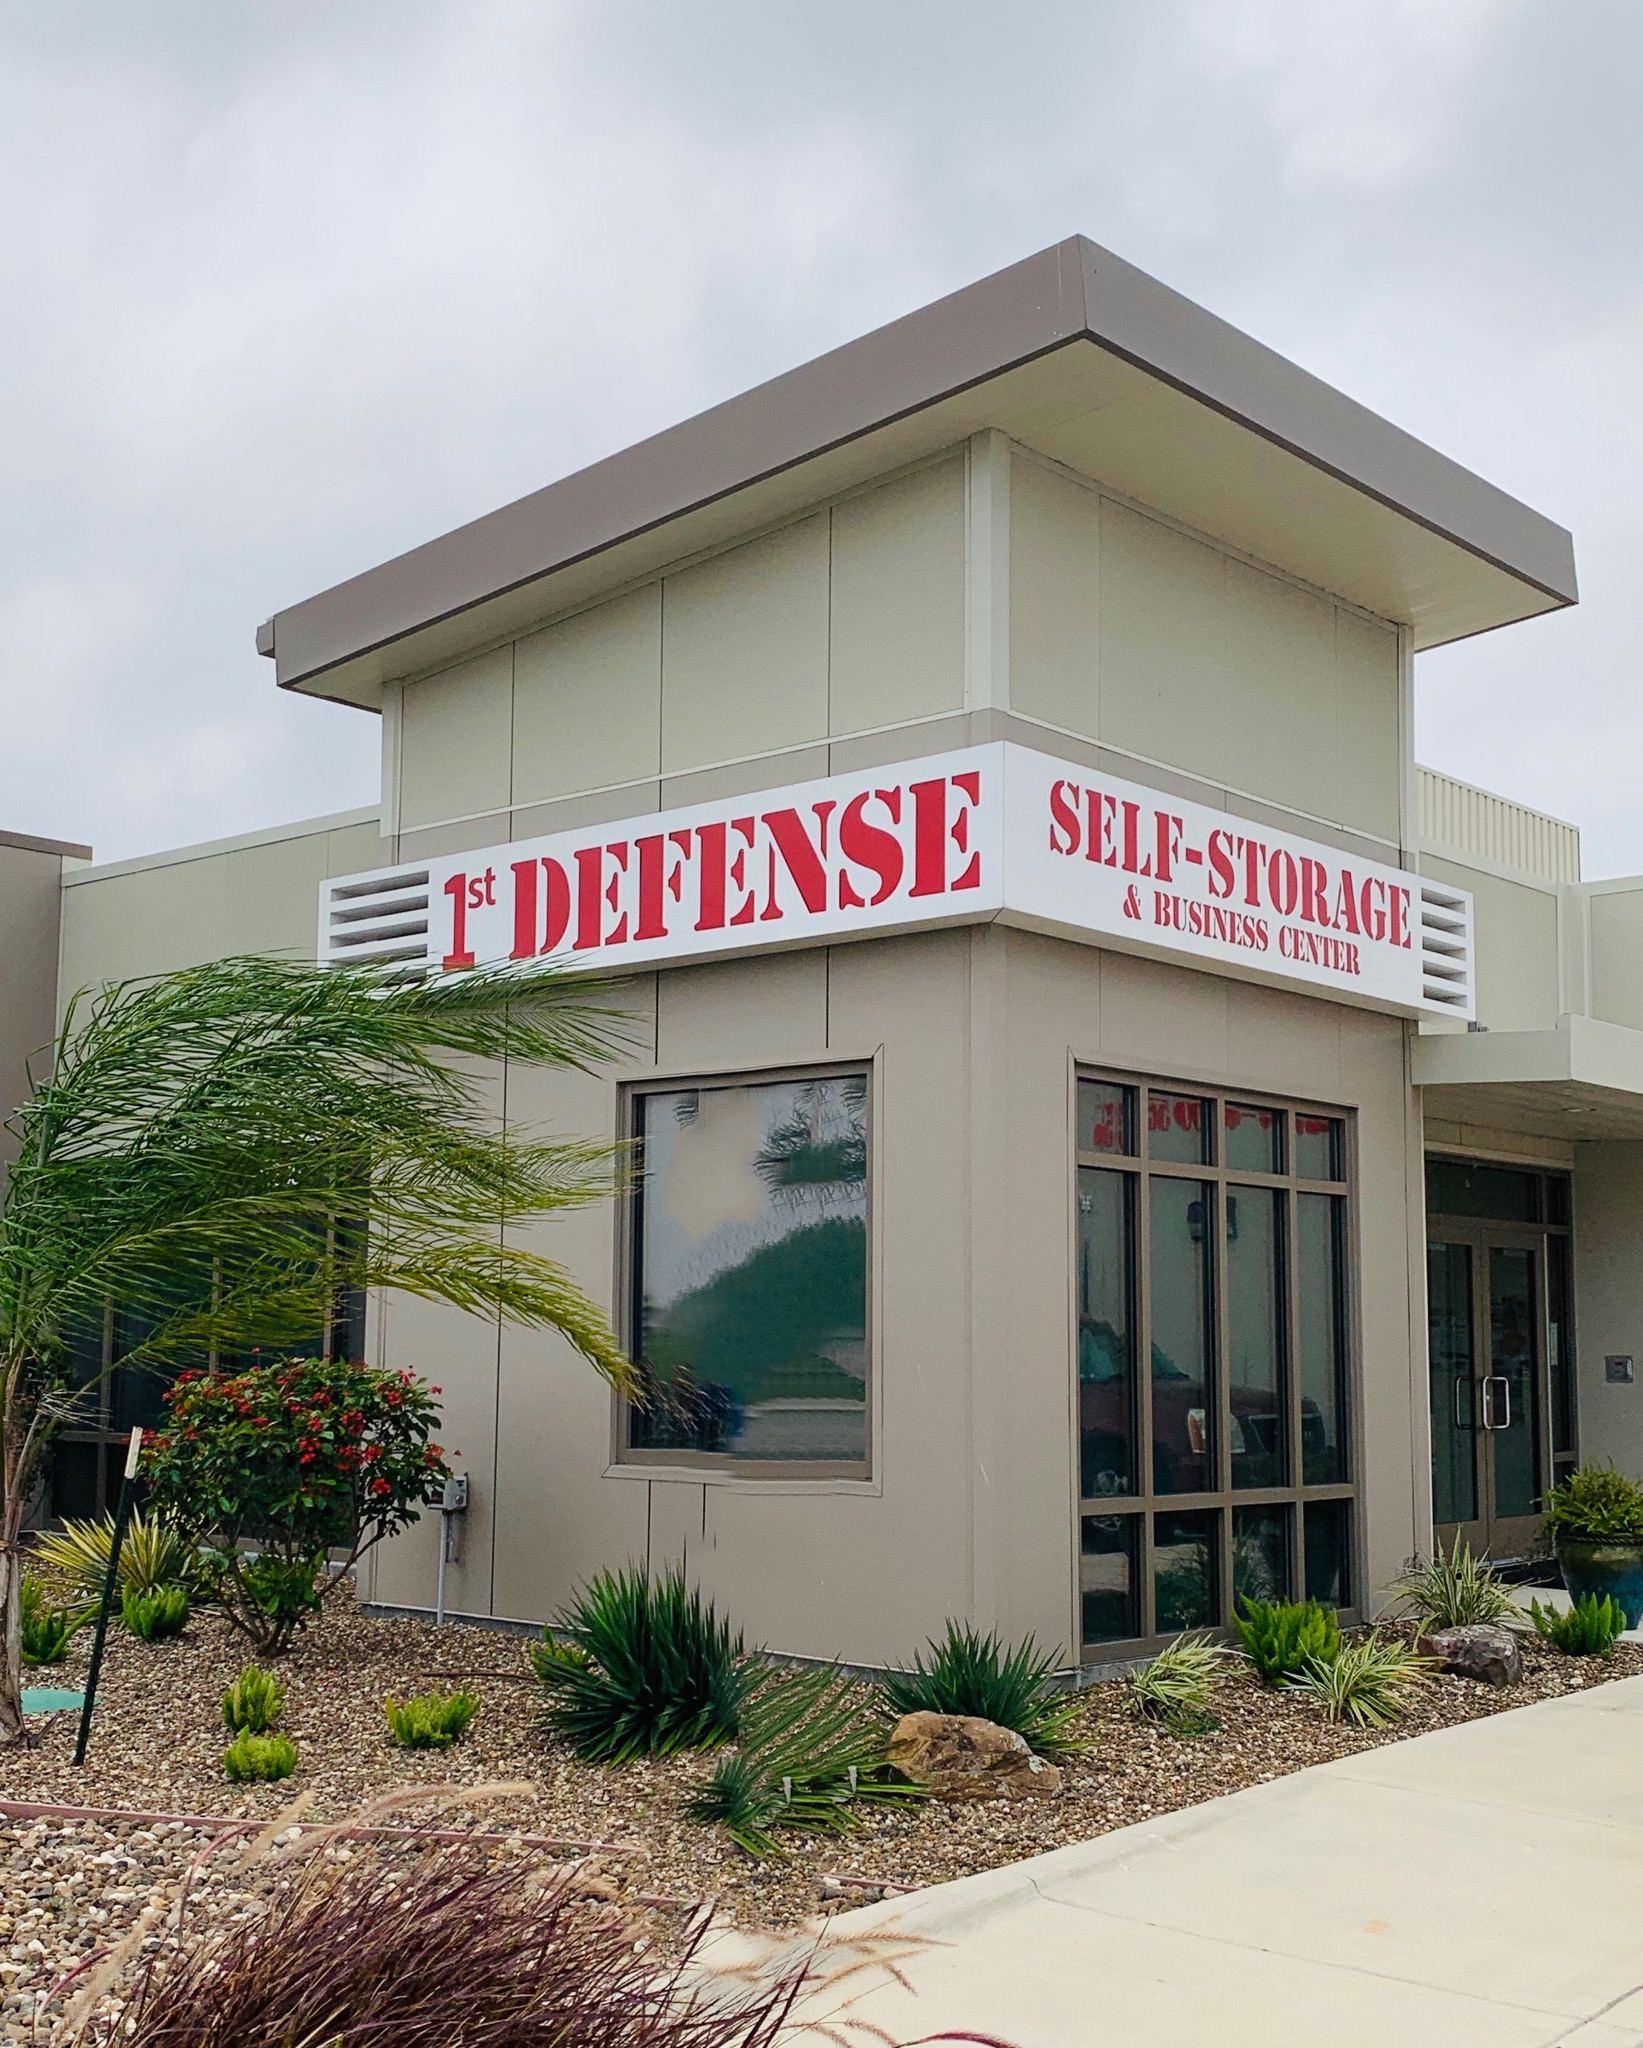 1st Defense Self-Storage: First In Defense - First In Surveillance